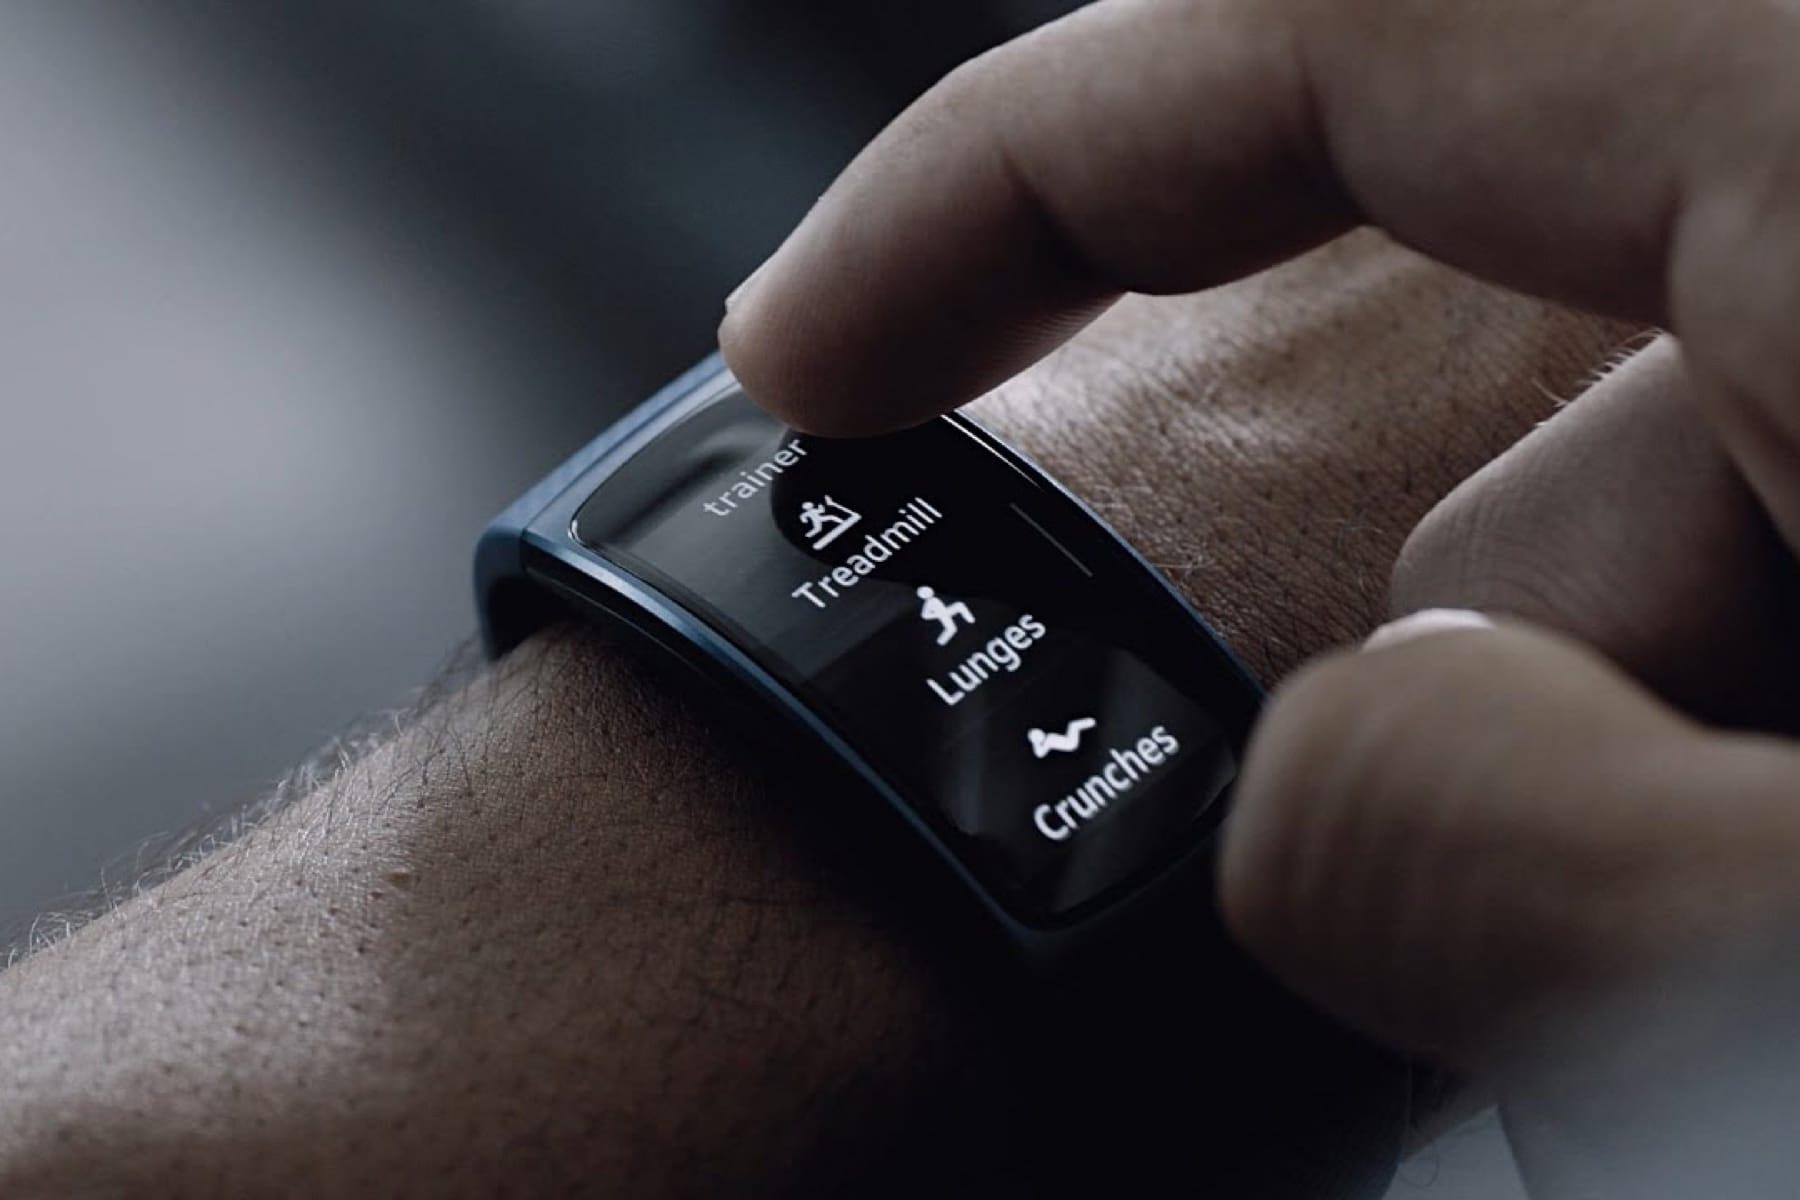 Анонс нового фитнес-трекера Gear Fit 2 предполагается 23августа